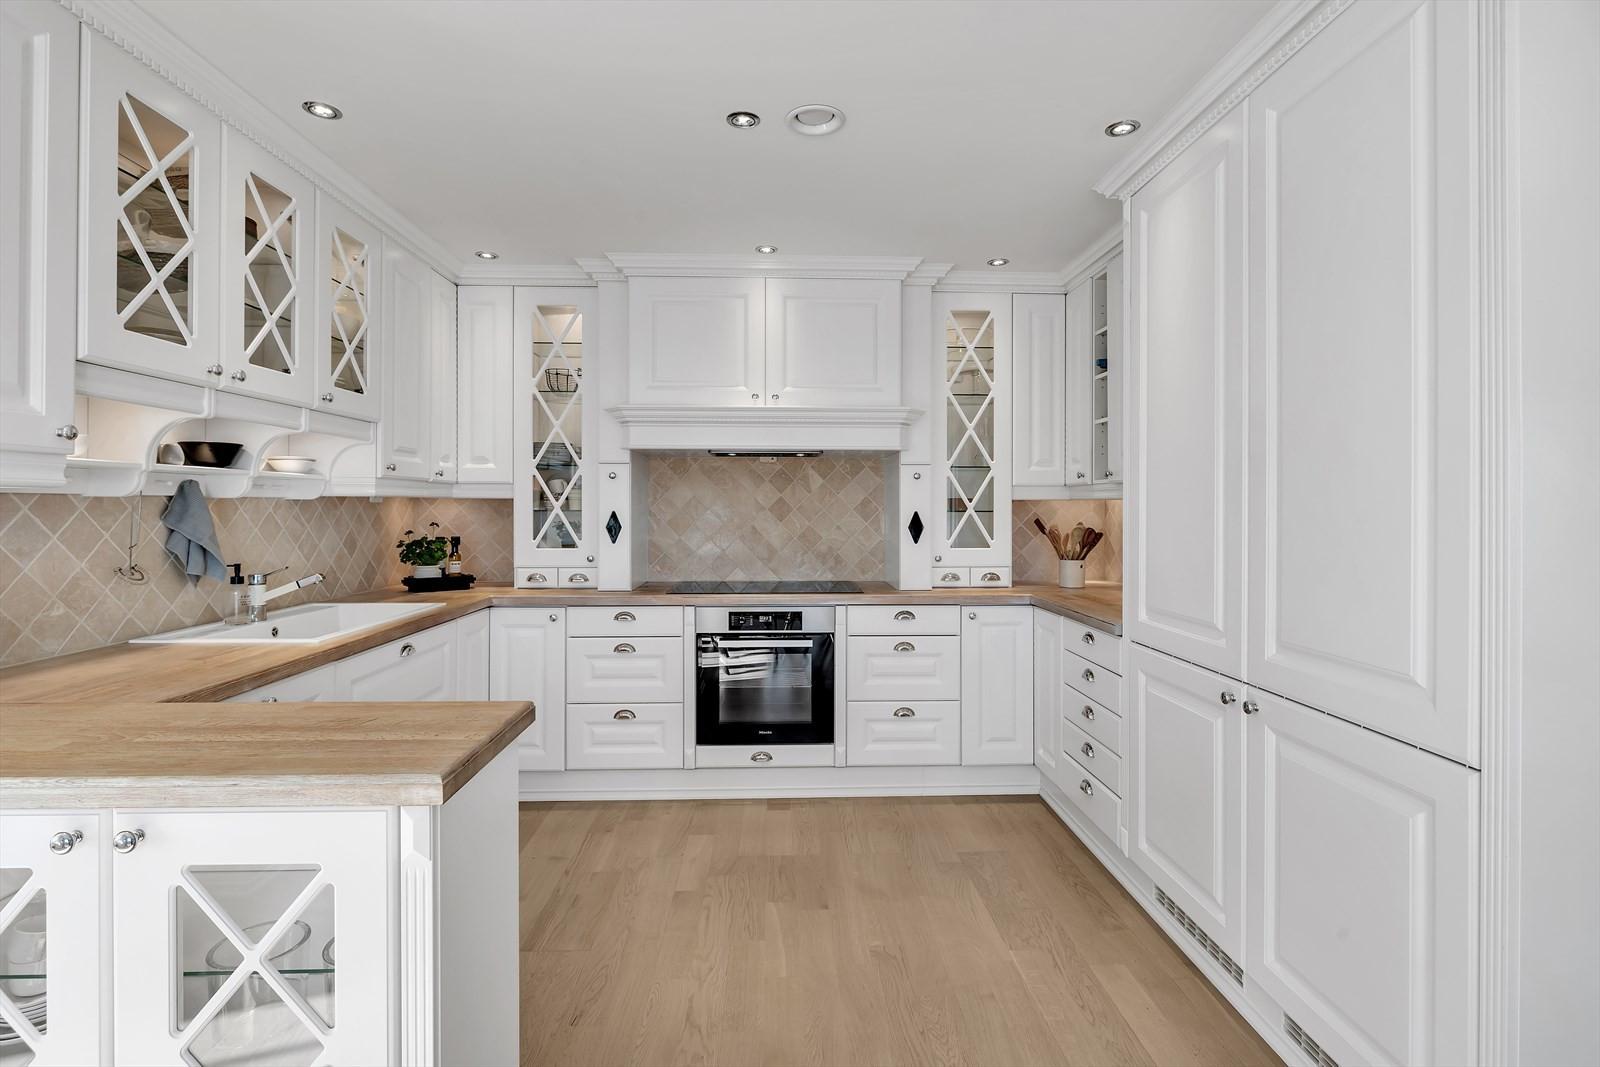 Innholdsrikt kjøkken med rikelig med benke- og oppbevaringsplass. Kjøkkenet er moderne - og i klassisk stil